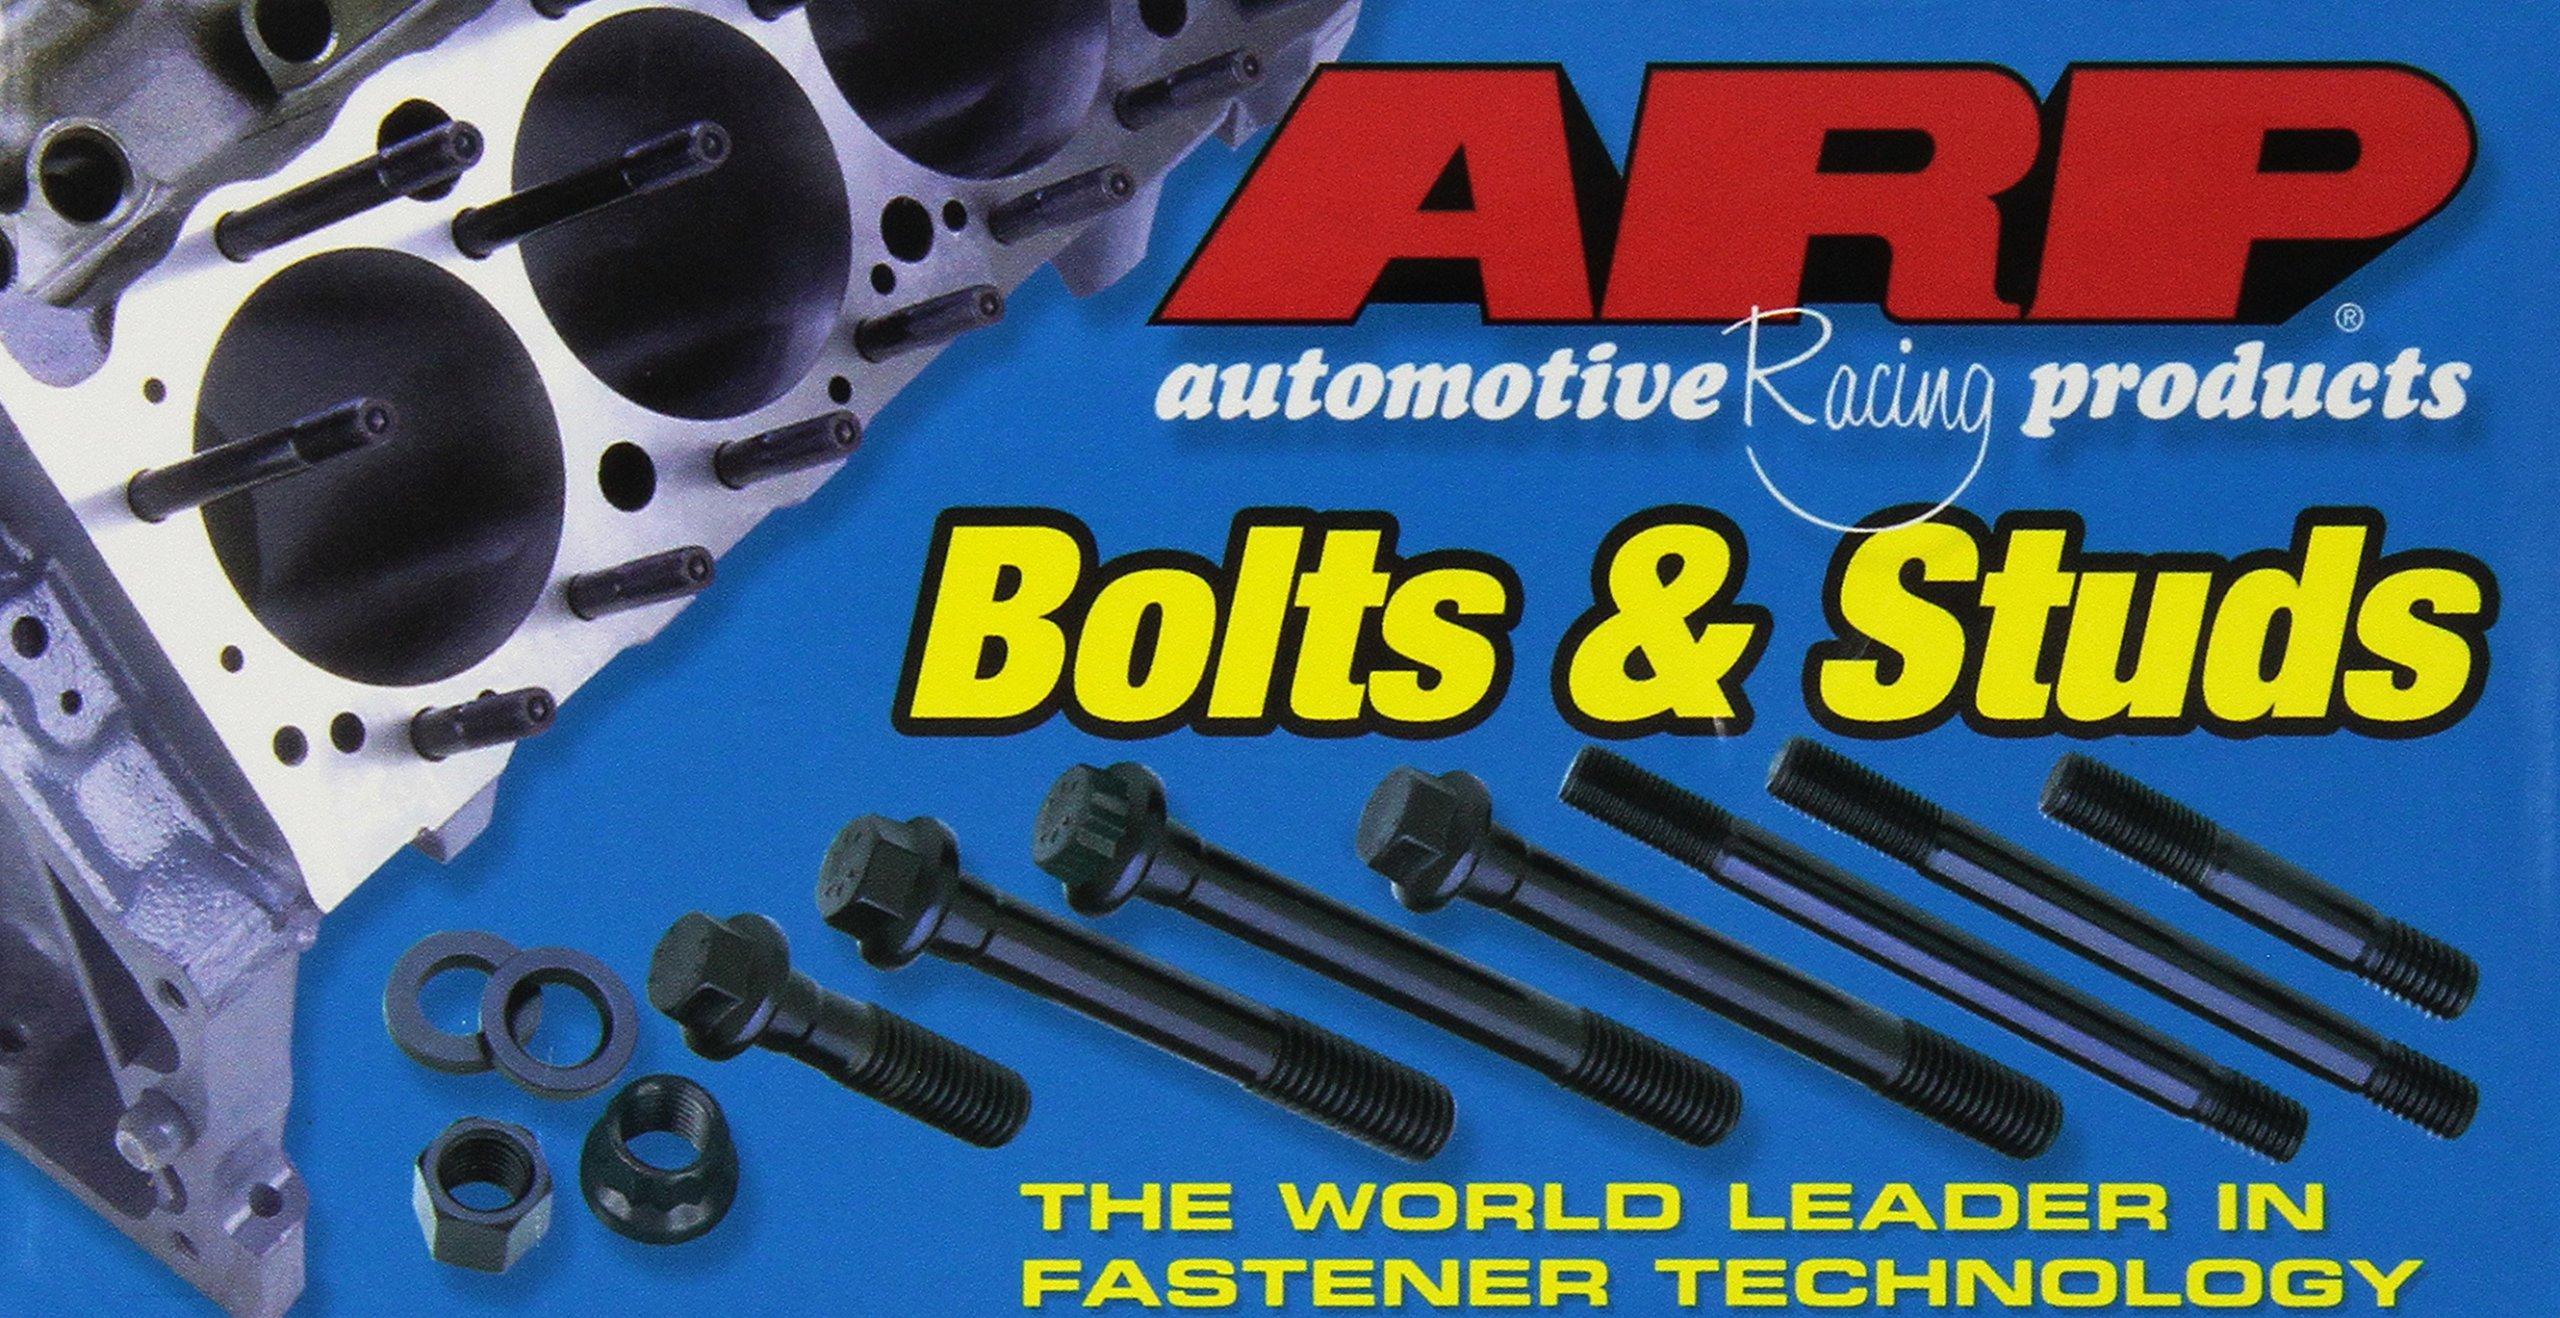 ARP 2354018 Stud Kit by ARP (Image #1)